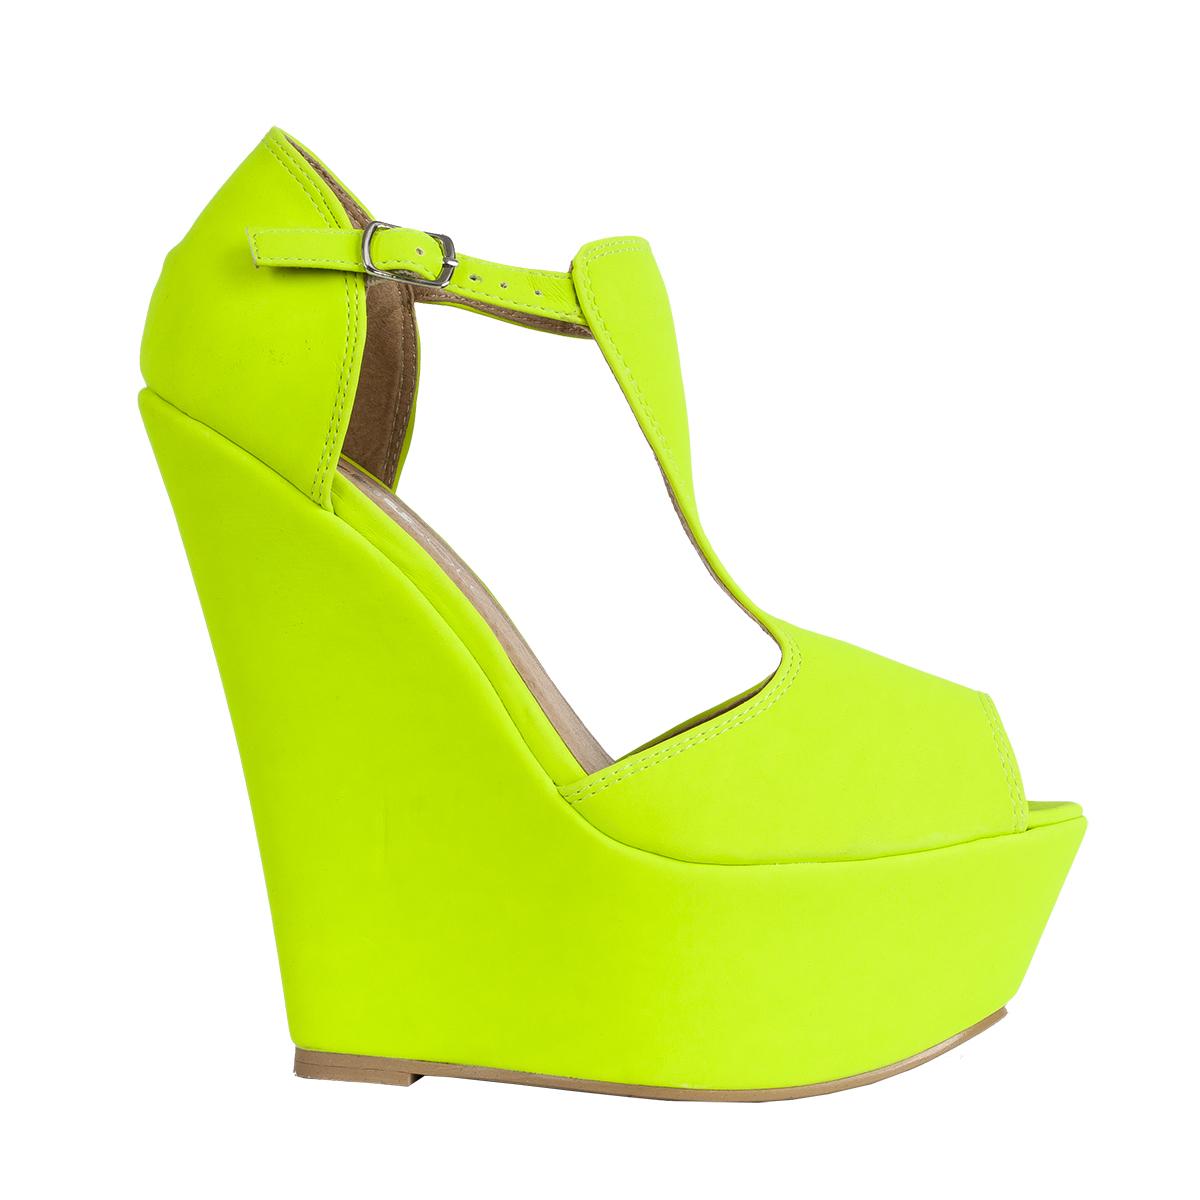 New Womens T-bar Peep Toe Ladies Platform Wedge High Heel Party ...